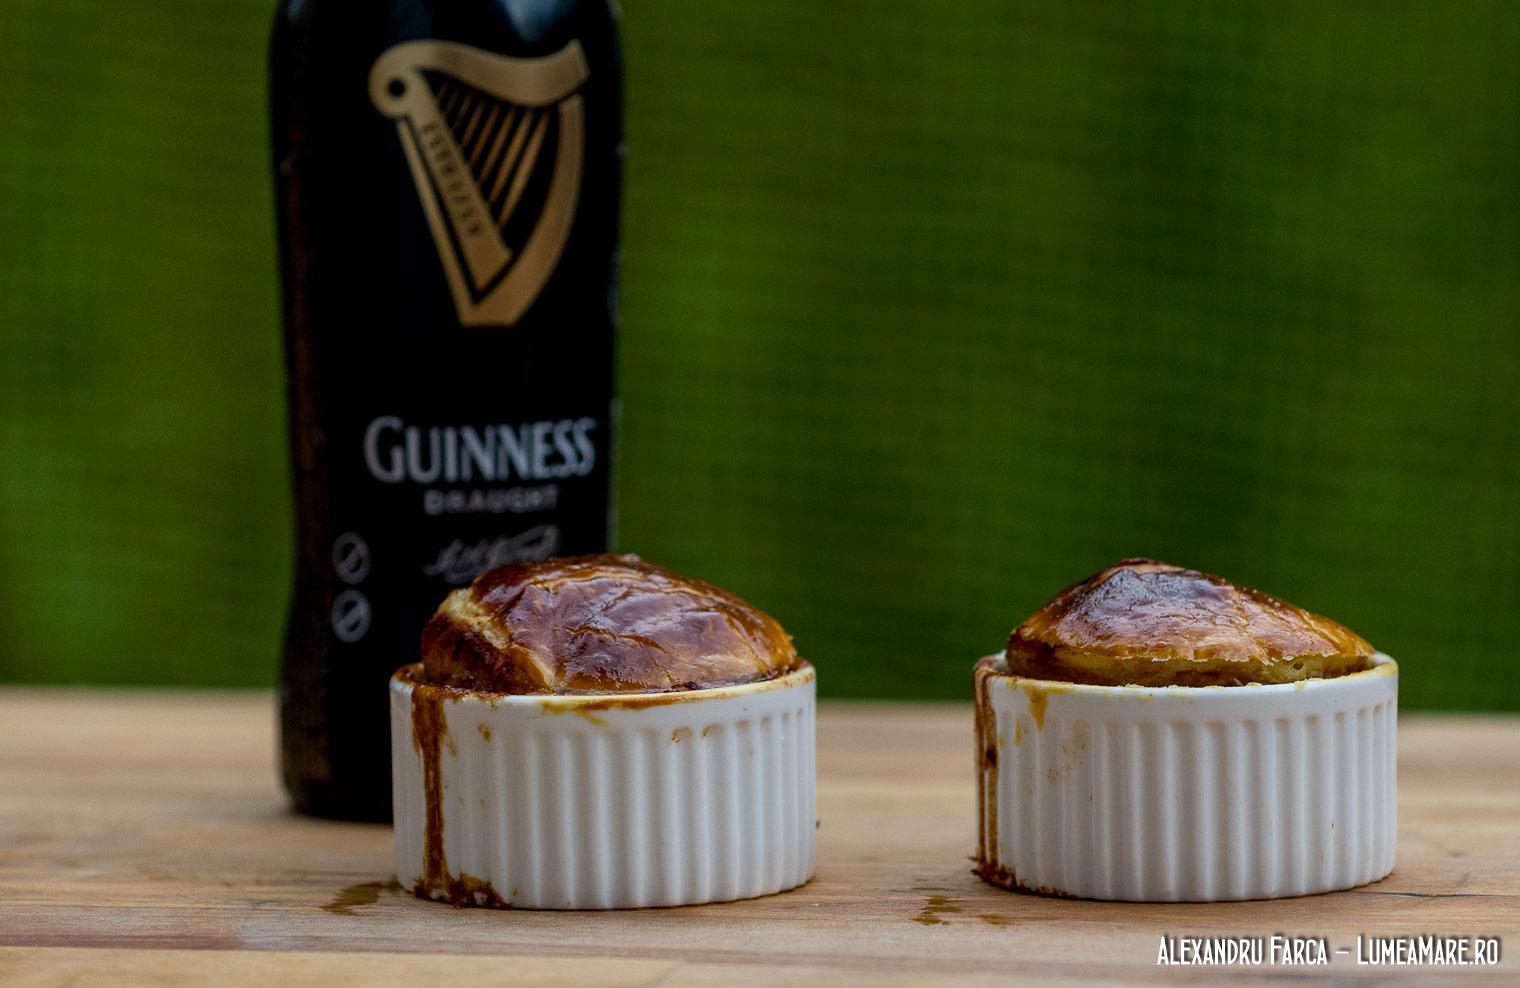 Plăcinta irlandeză cu vită şi bere Guinness